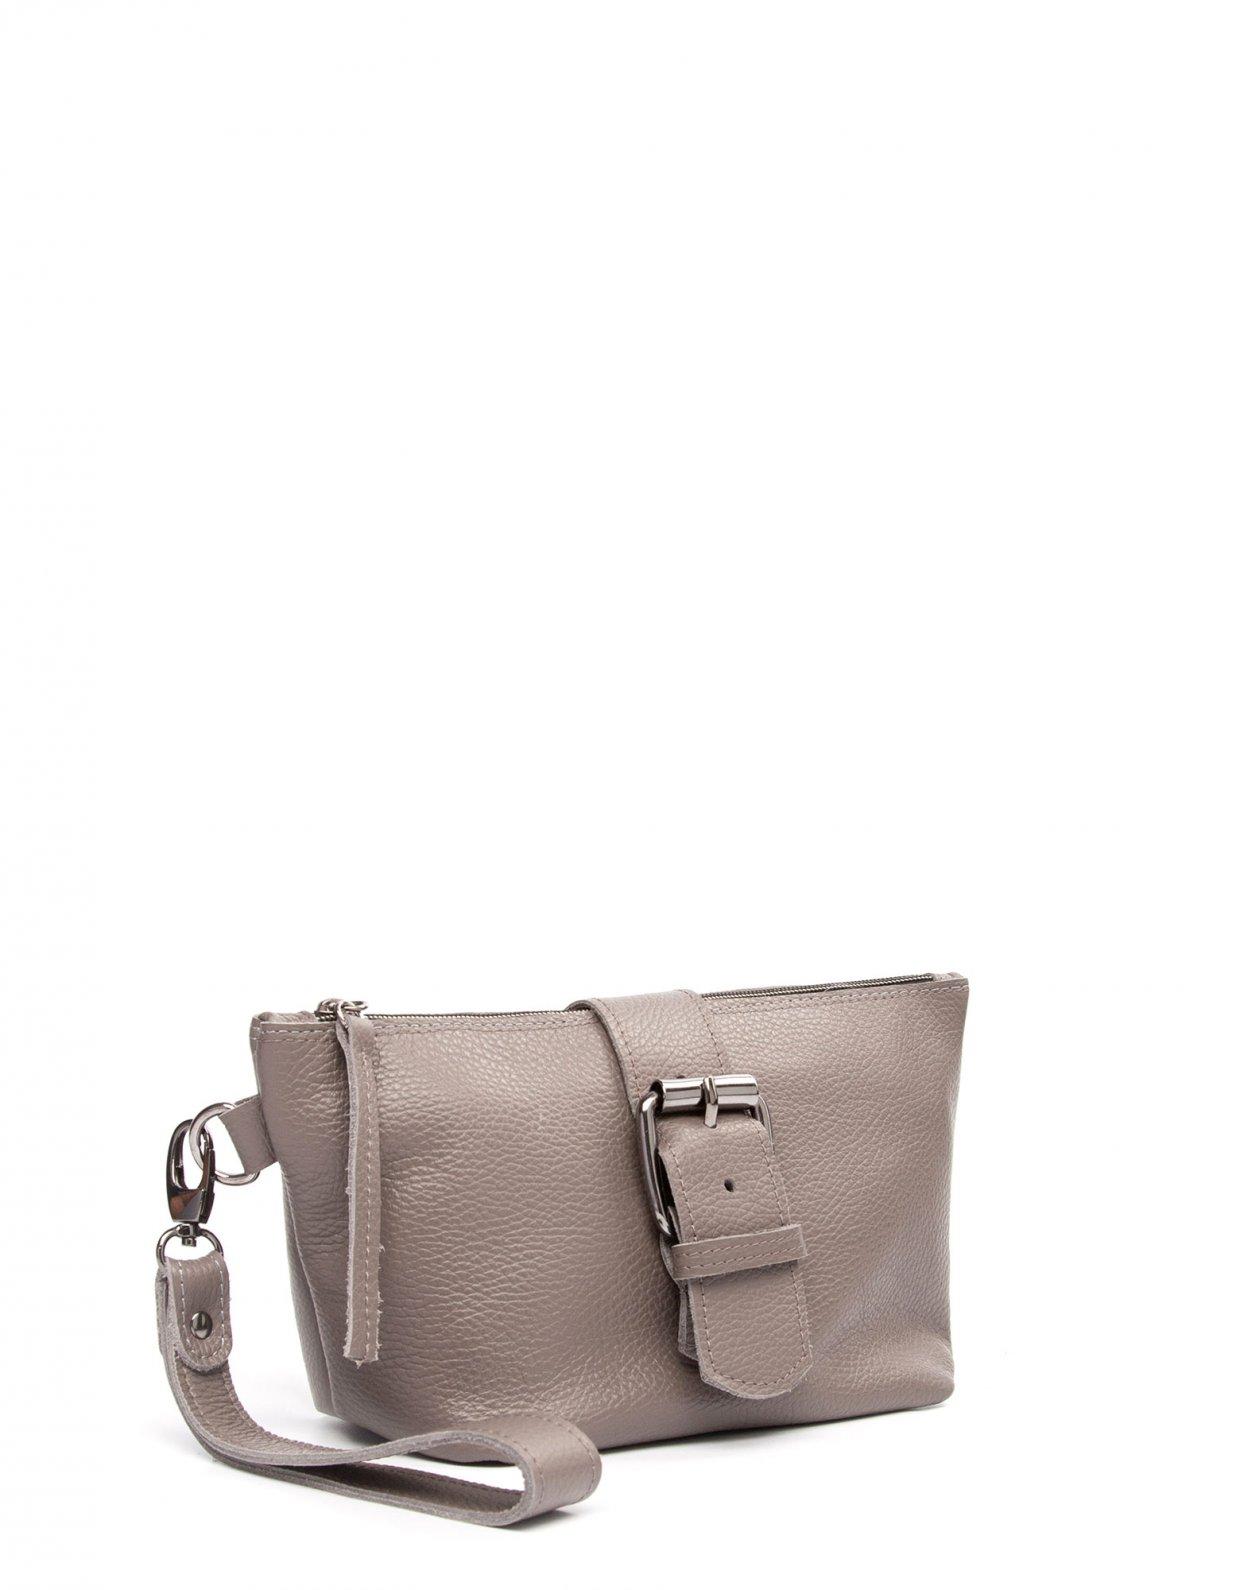 Elena Athanasiou Day to evening clutch bag grey